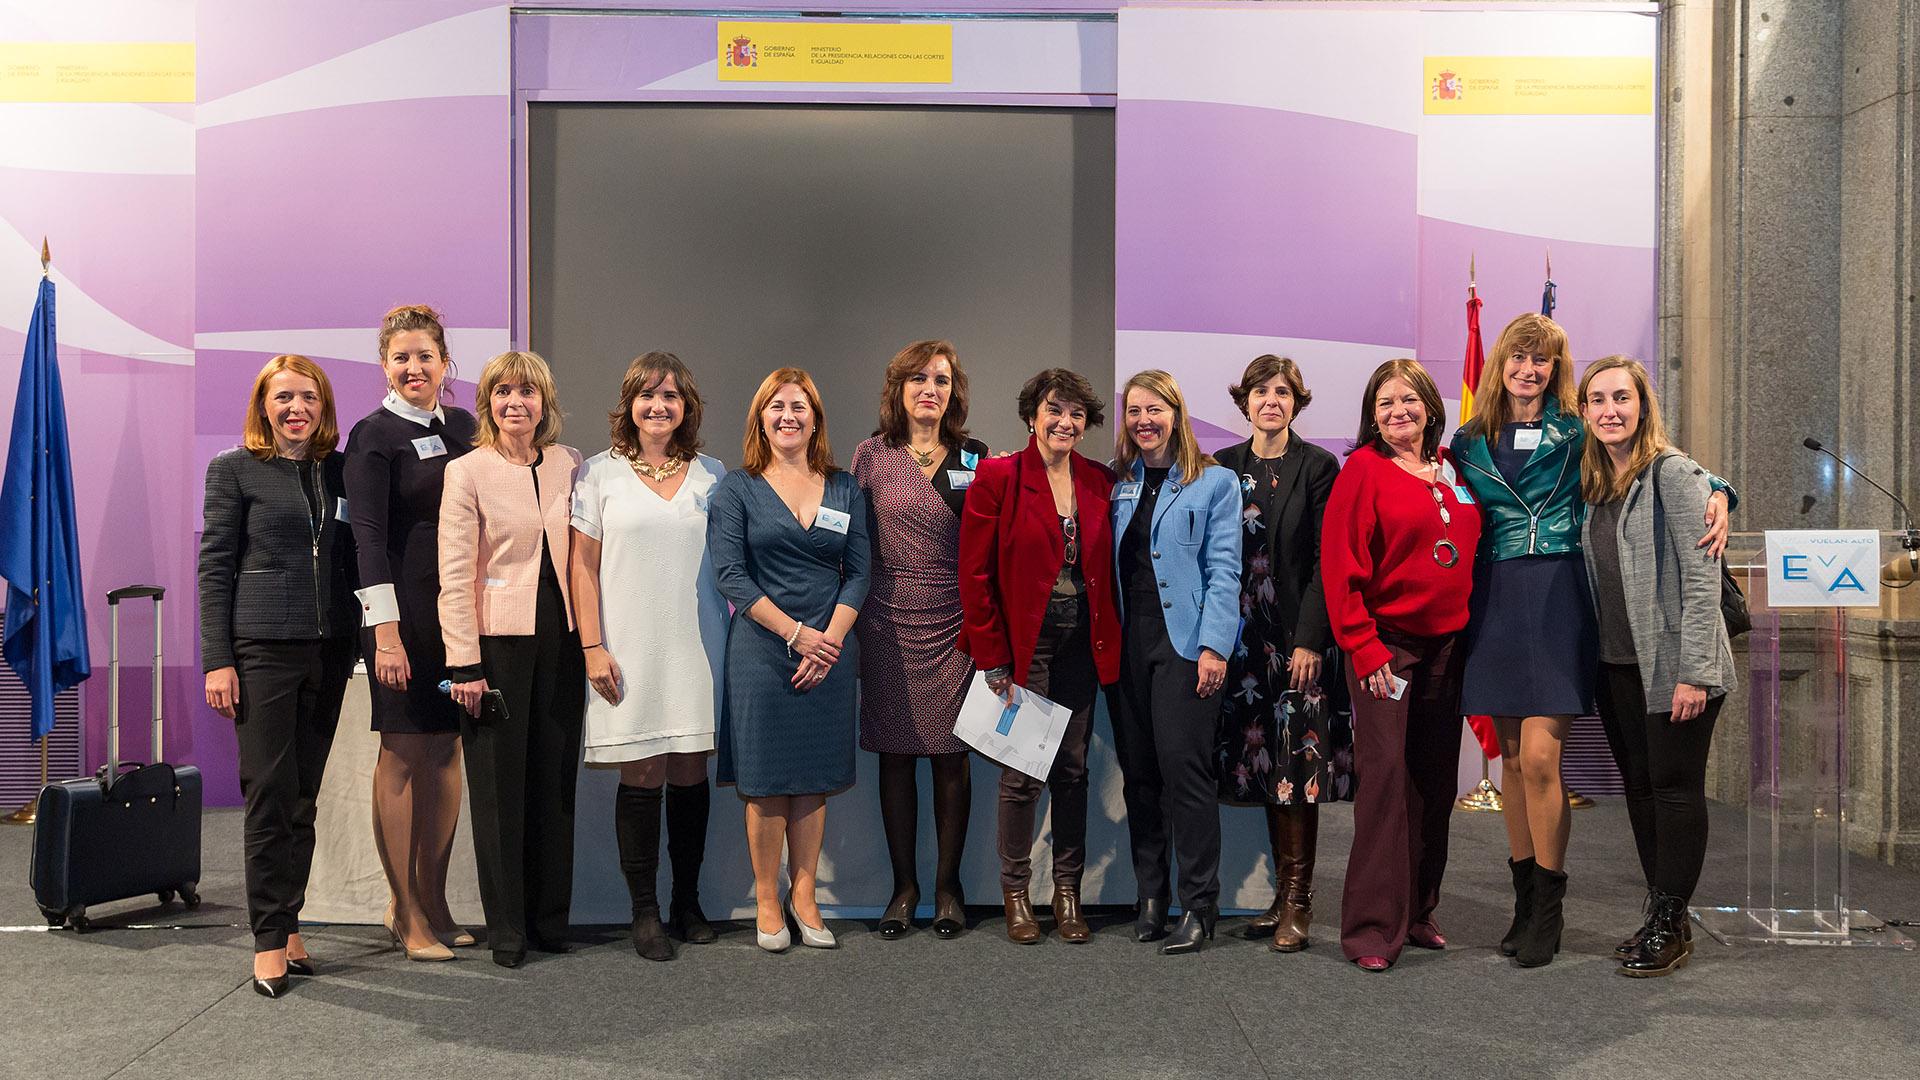 Equipo de EVA junto a Soledad Murillo, quién felicitó a la asociación por esta iniciativa.